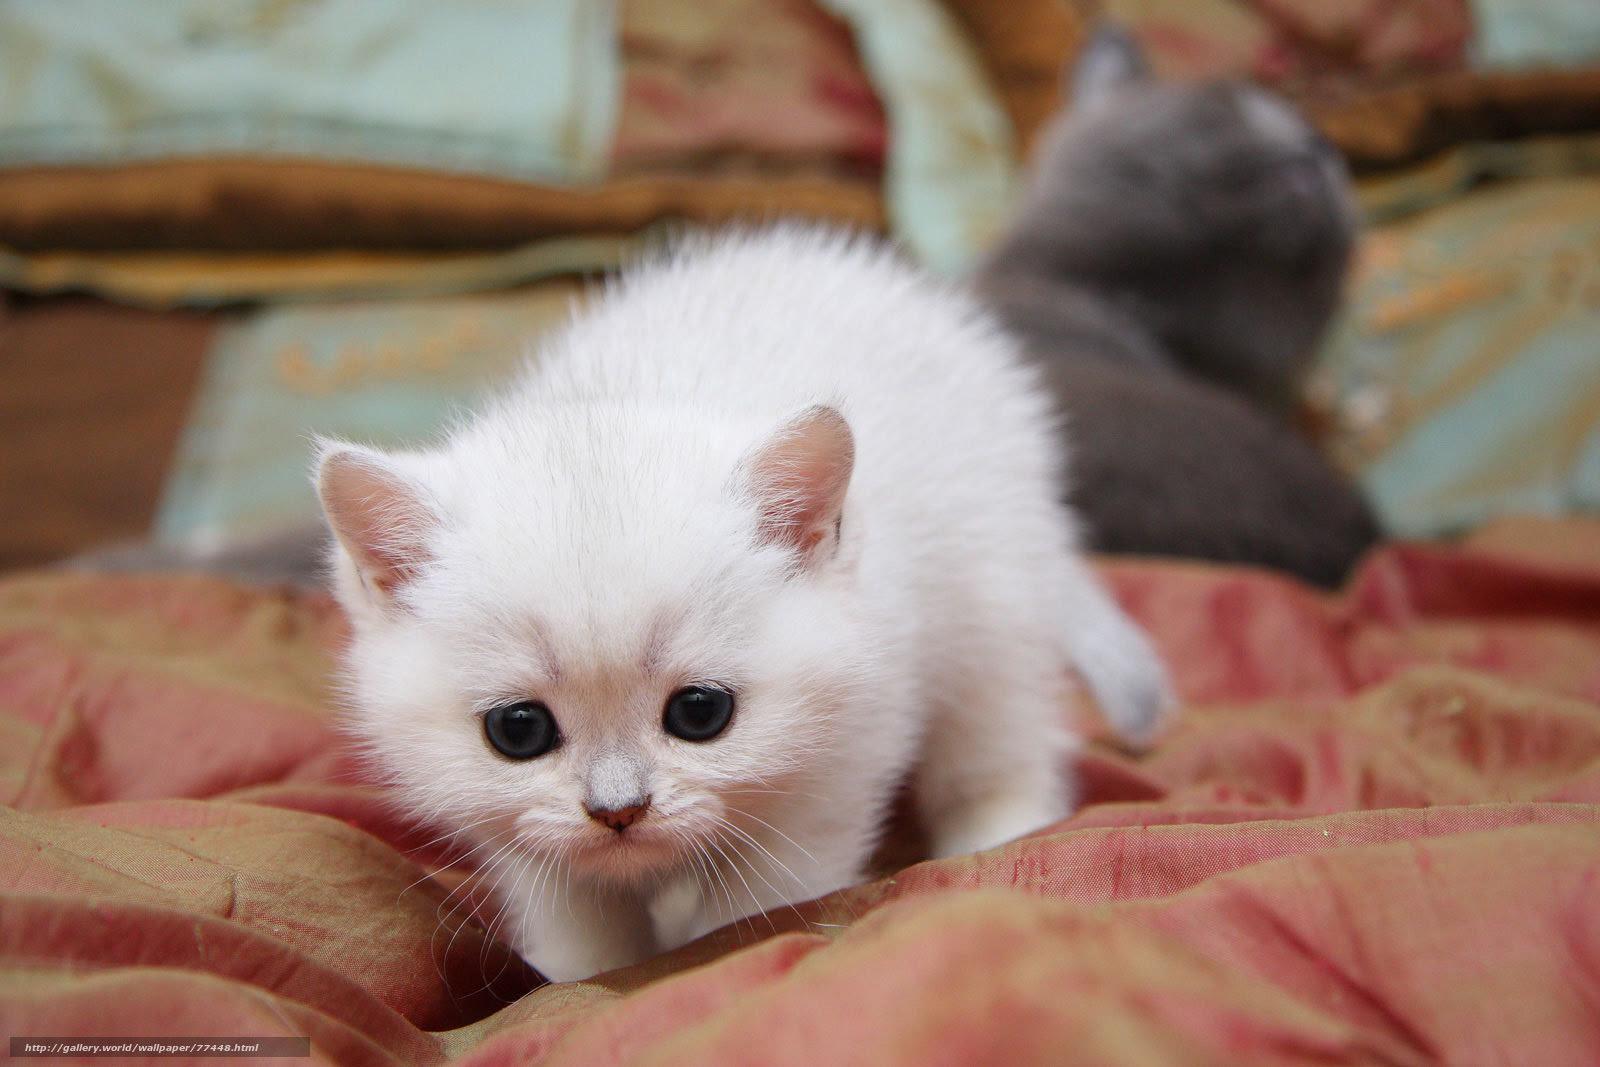 壁紙をダウンロード 潜入 かわいい 猫 猫 デスクトップの解像度の